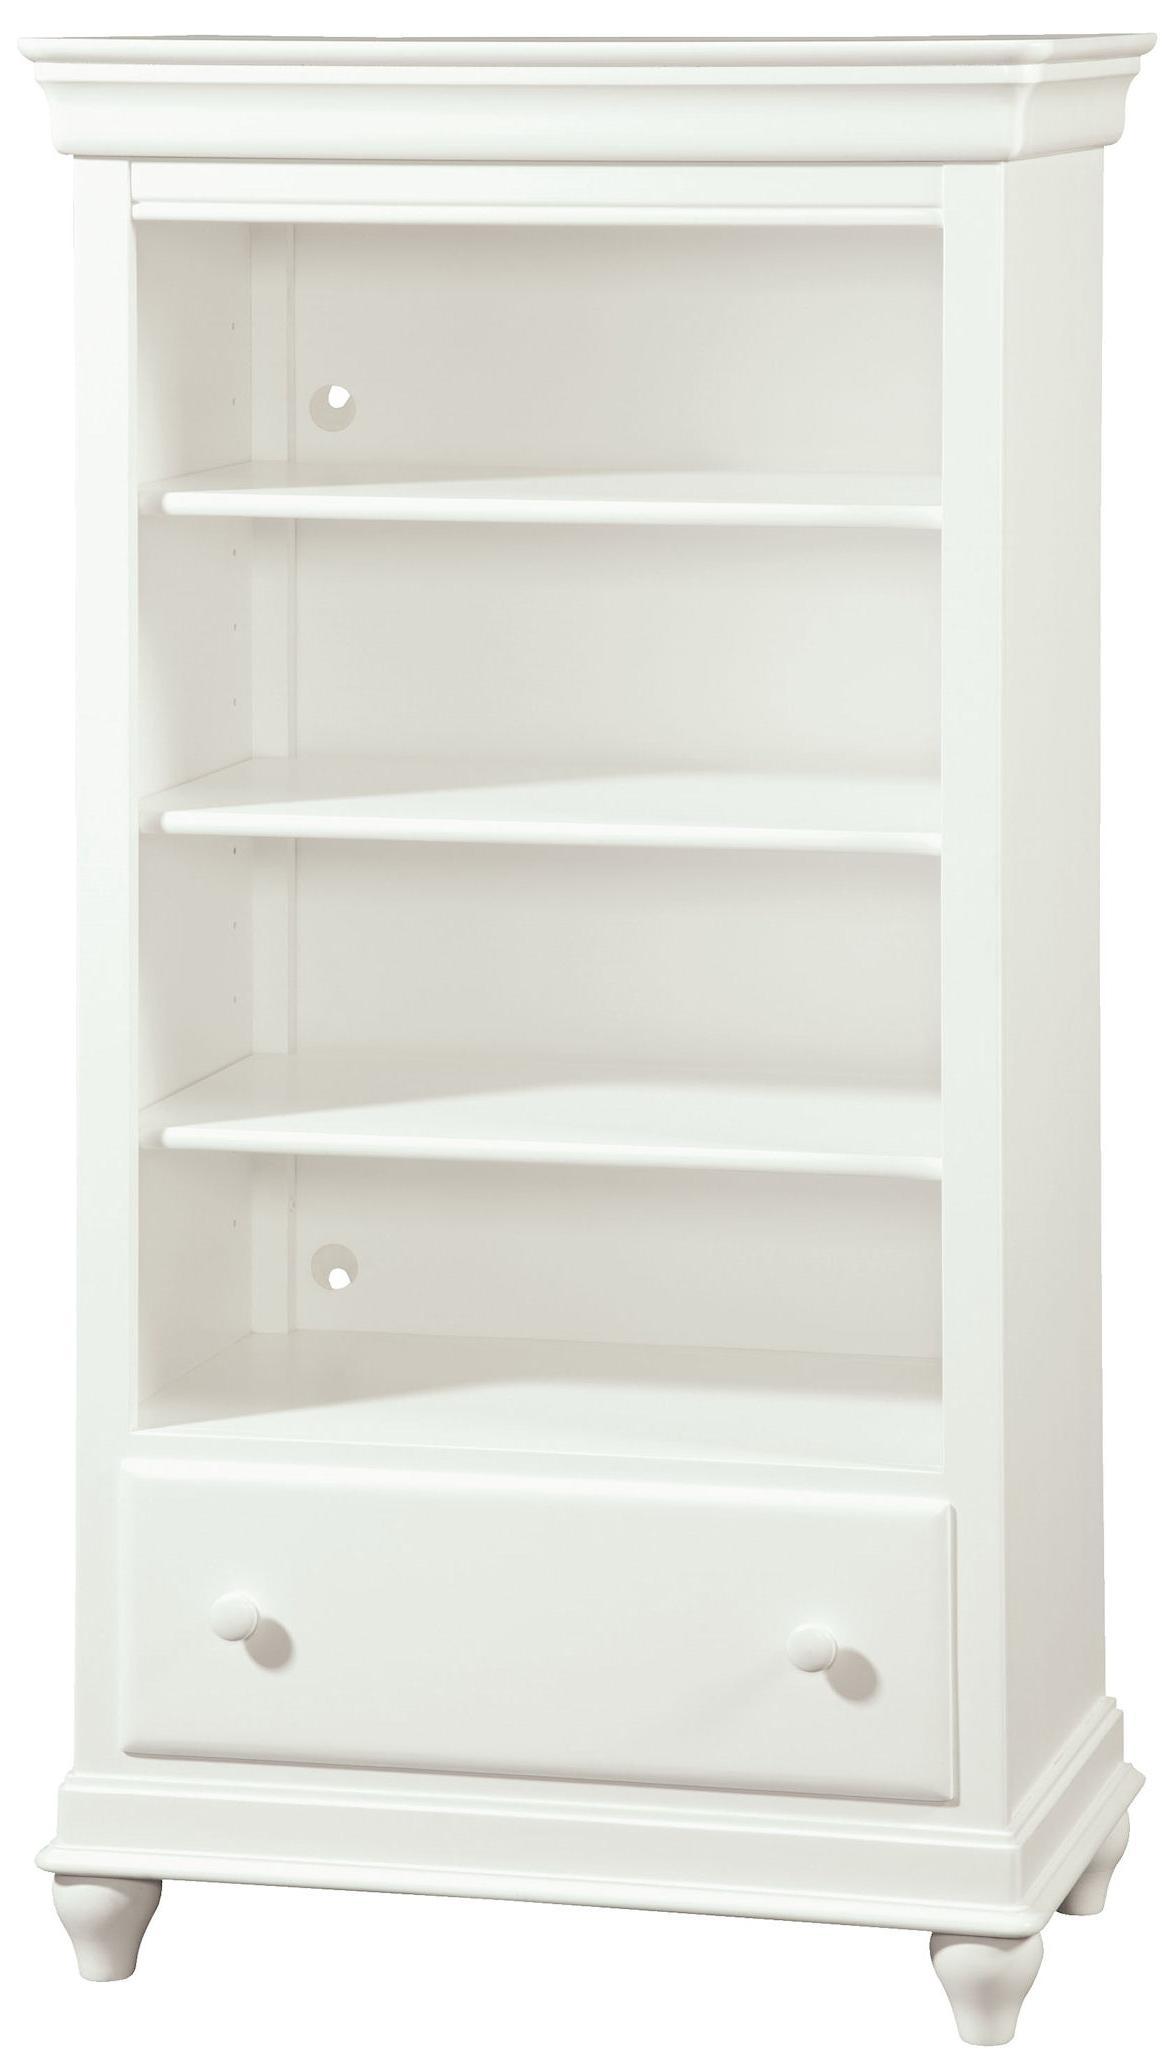 Smartstuff Classics 4.0 Bookcase - Item Number: 131A018